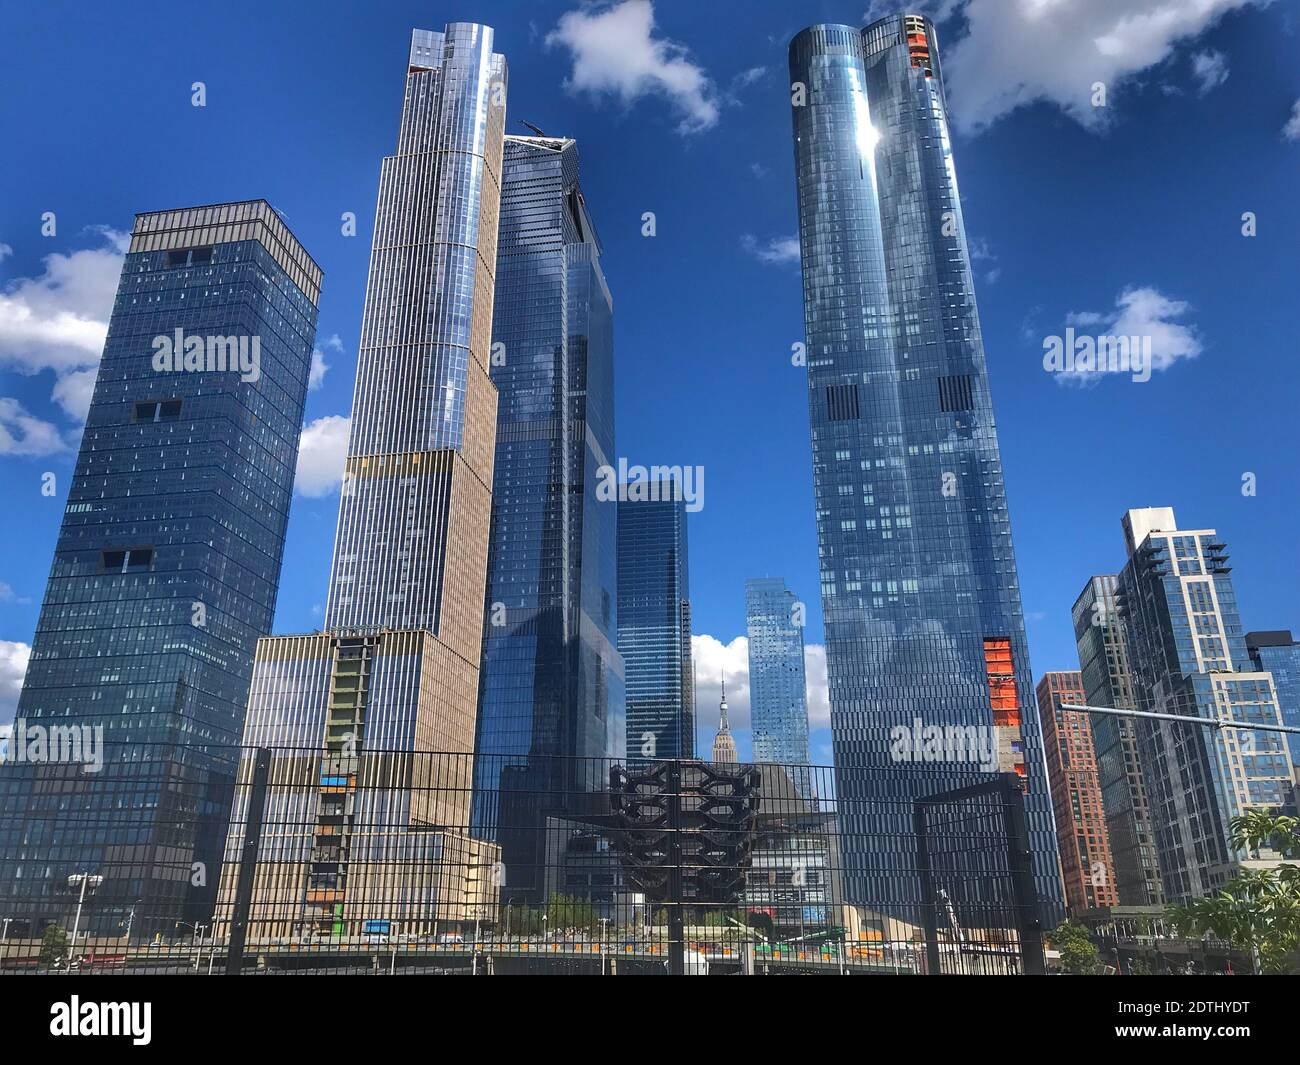 Ángulo de visión baja de los edificios contra el cielo Foto de stock